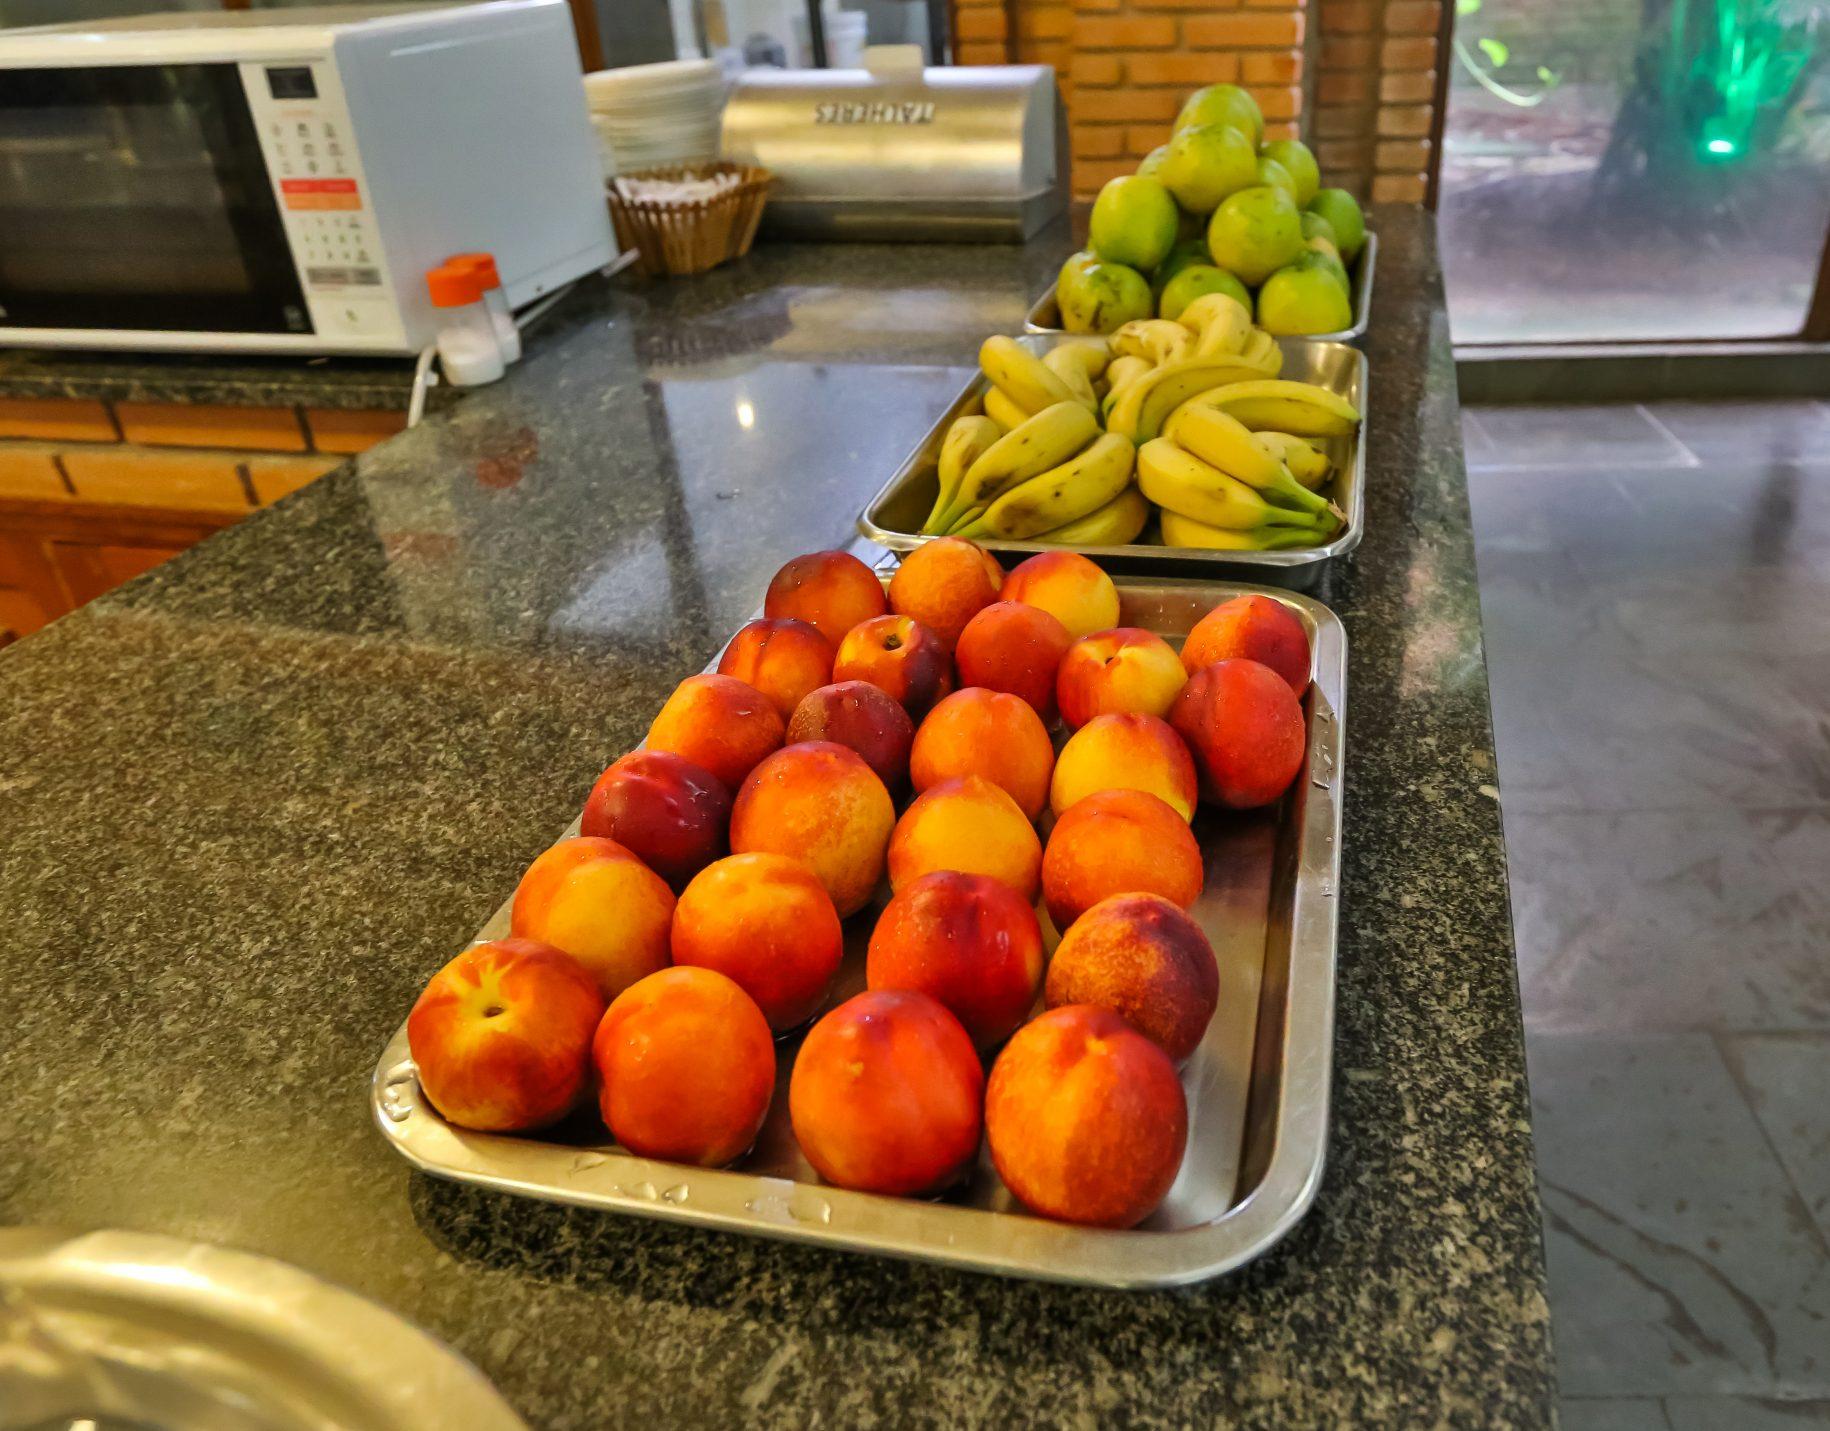 mesas de frutas do café da tarde no hotel fazenda parque dos sonhos, como por exemplo, maçãs, bananas e pêras